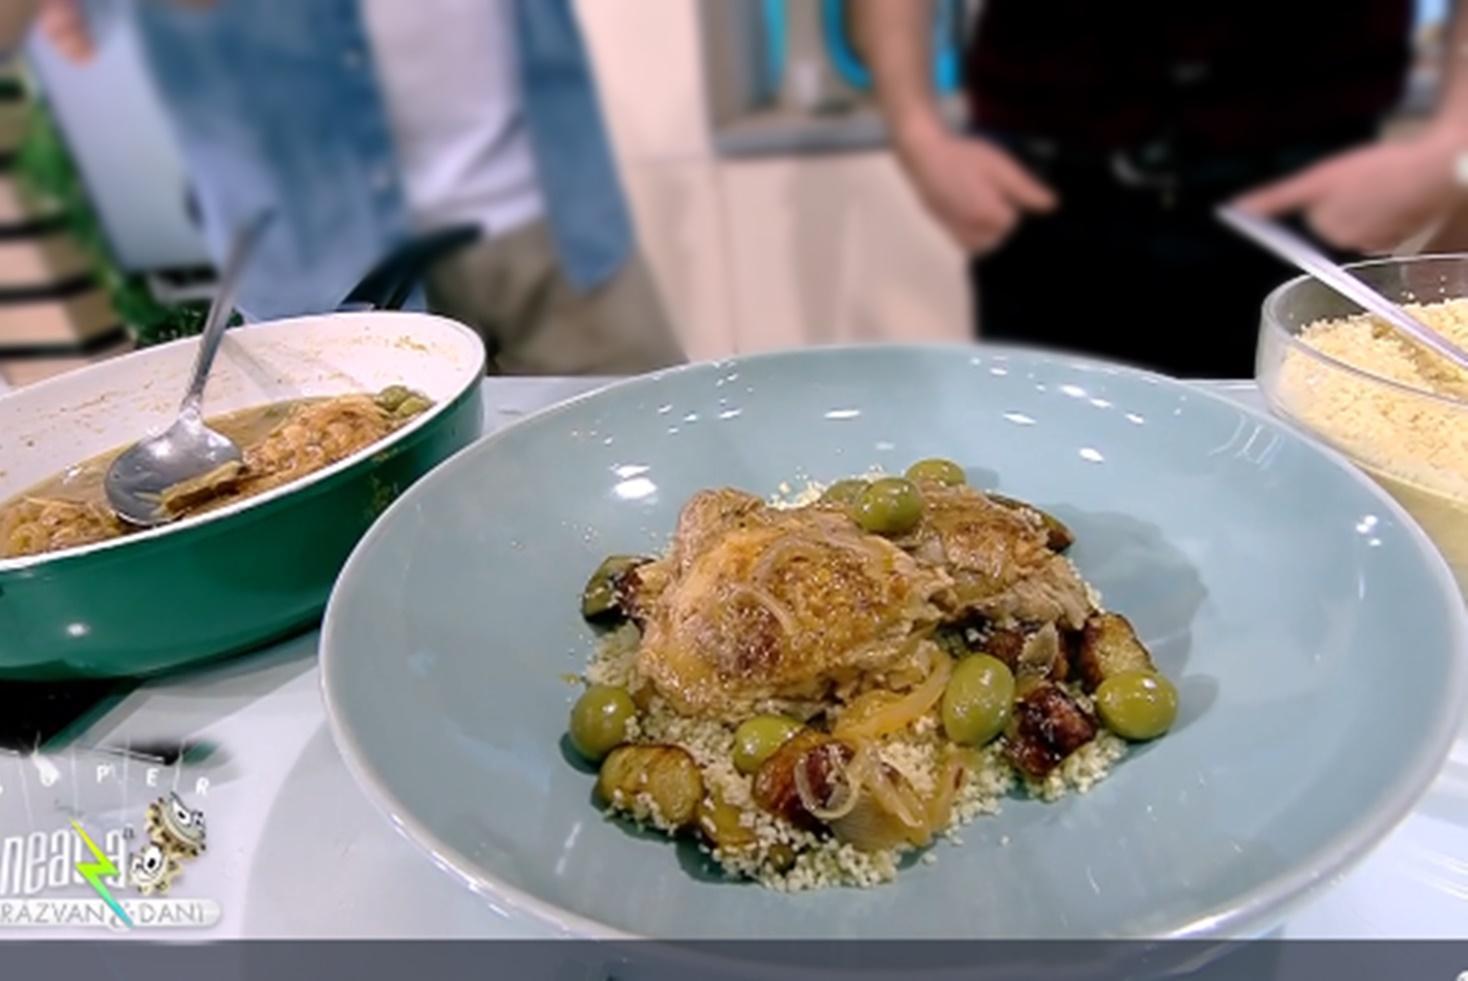 Rețetă senegaleză de pui cu ceapă și măsline, preparată de Chef Nicolai Tand la Neatza cu Răzvan și Dani